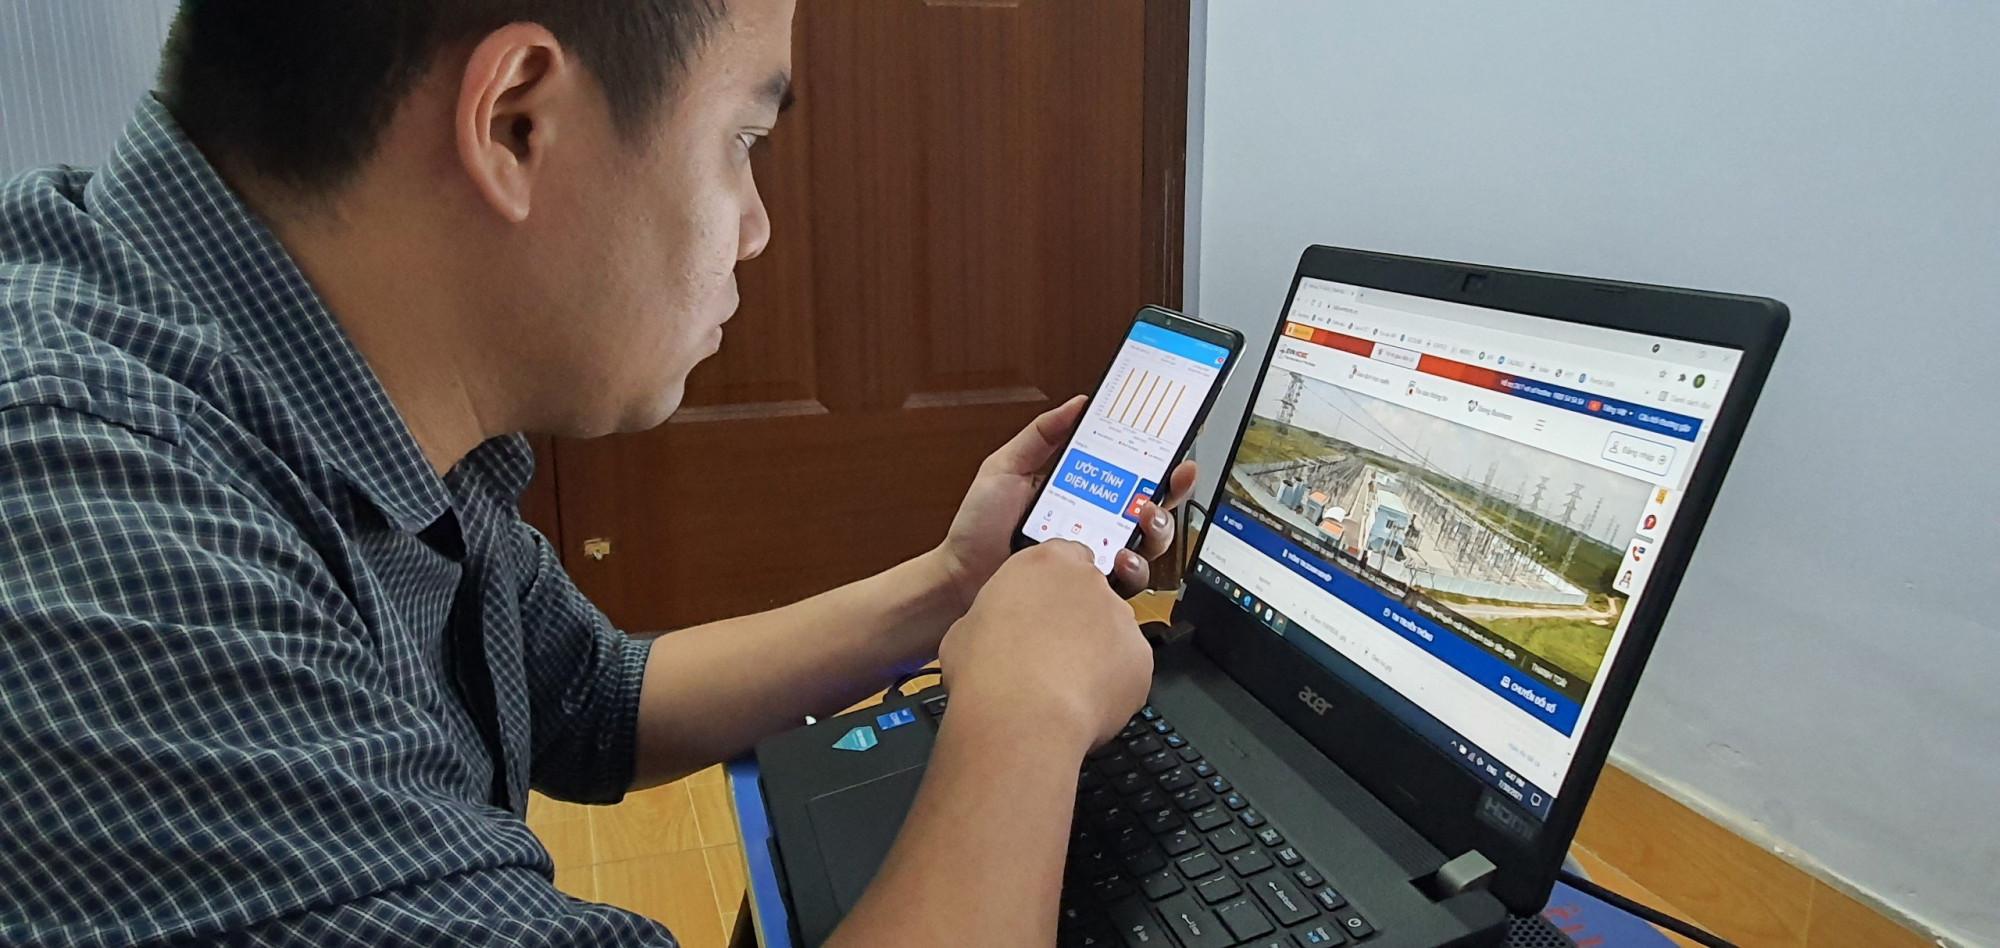 Khách hàng sử dụng điện TPHCM theo dõi lượng điện hàng ngày qua ứng dụng EVNHCMC CSKH trên thiết bị di động và trên trang web của TCT điện lực TPHCM - Ảnh: EVNHCMC